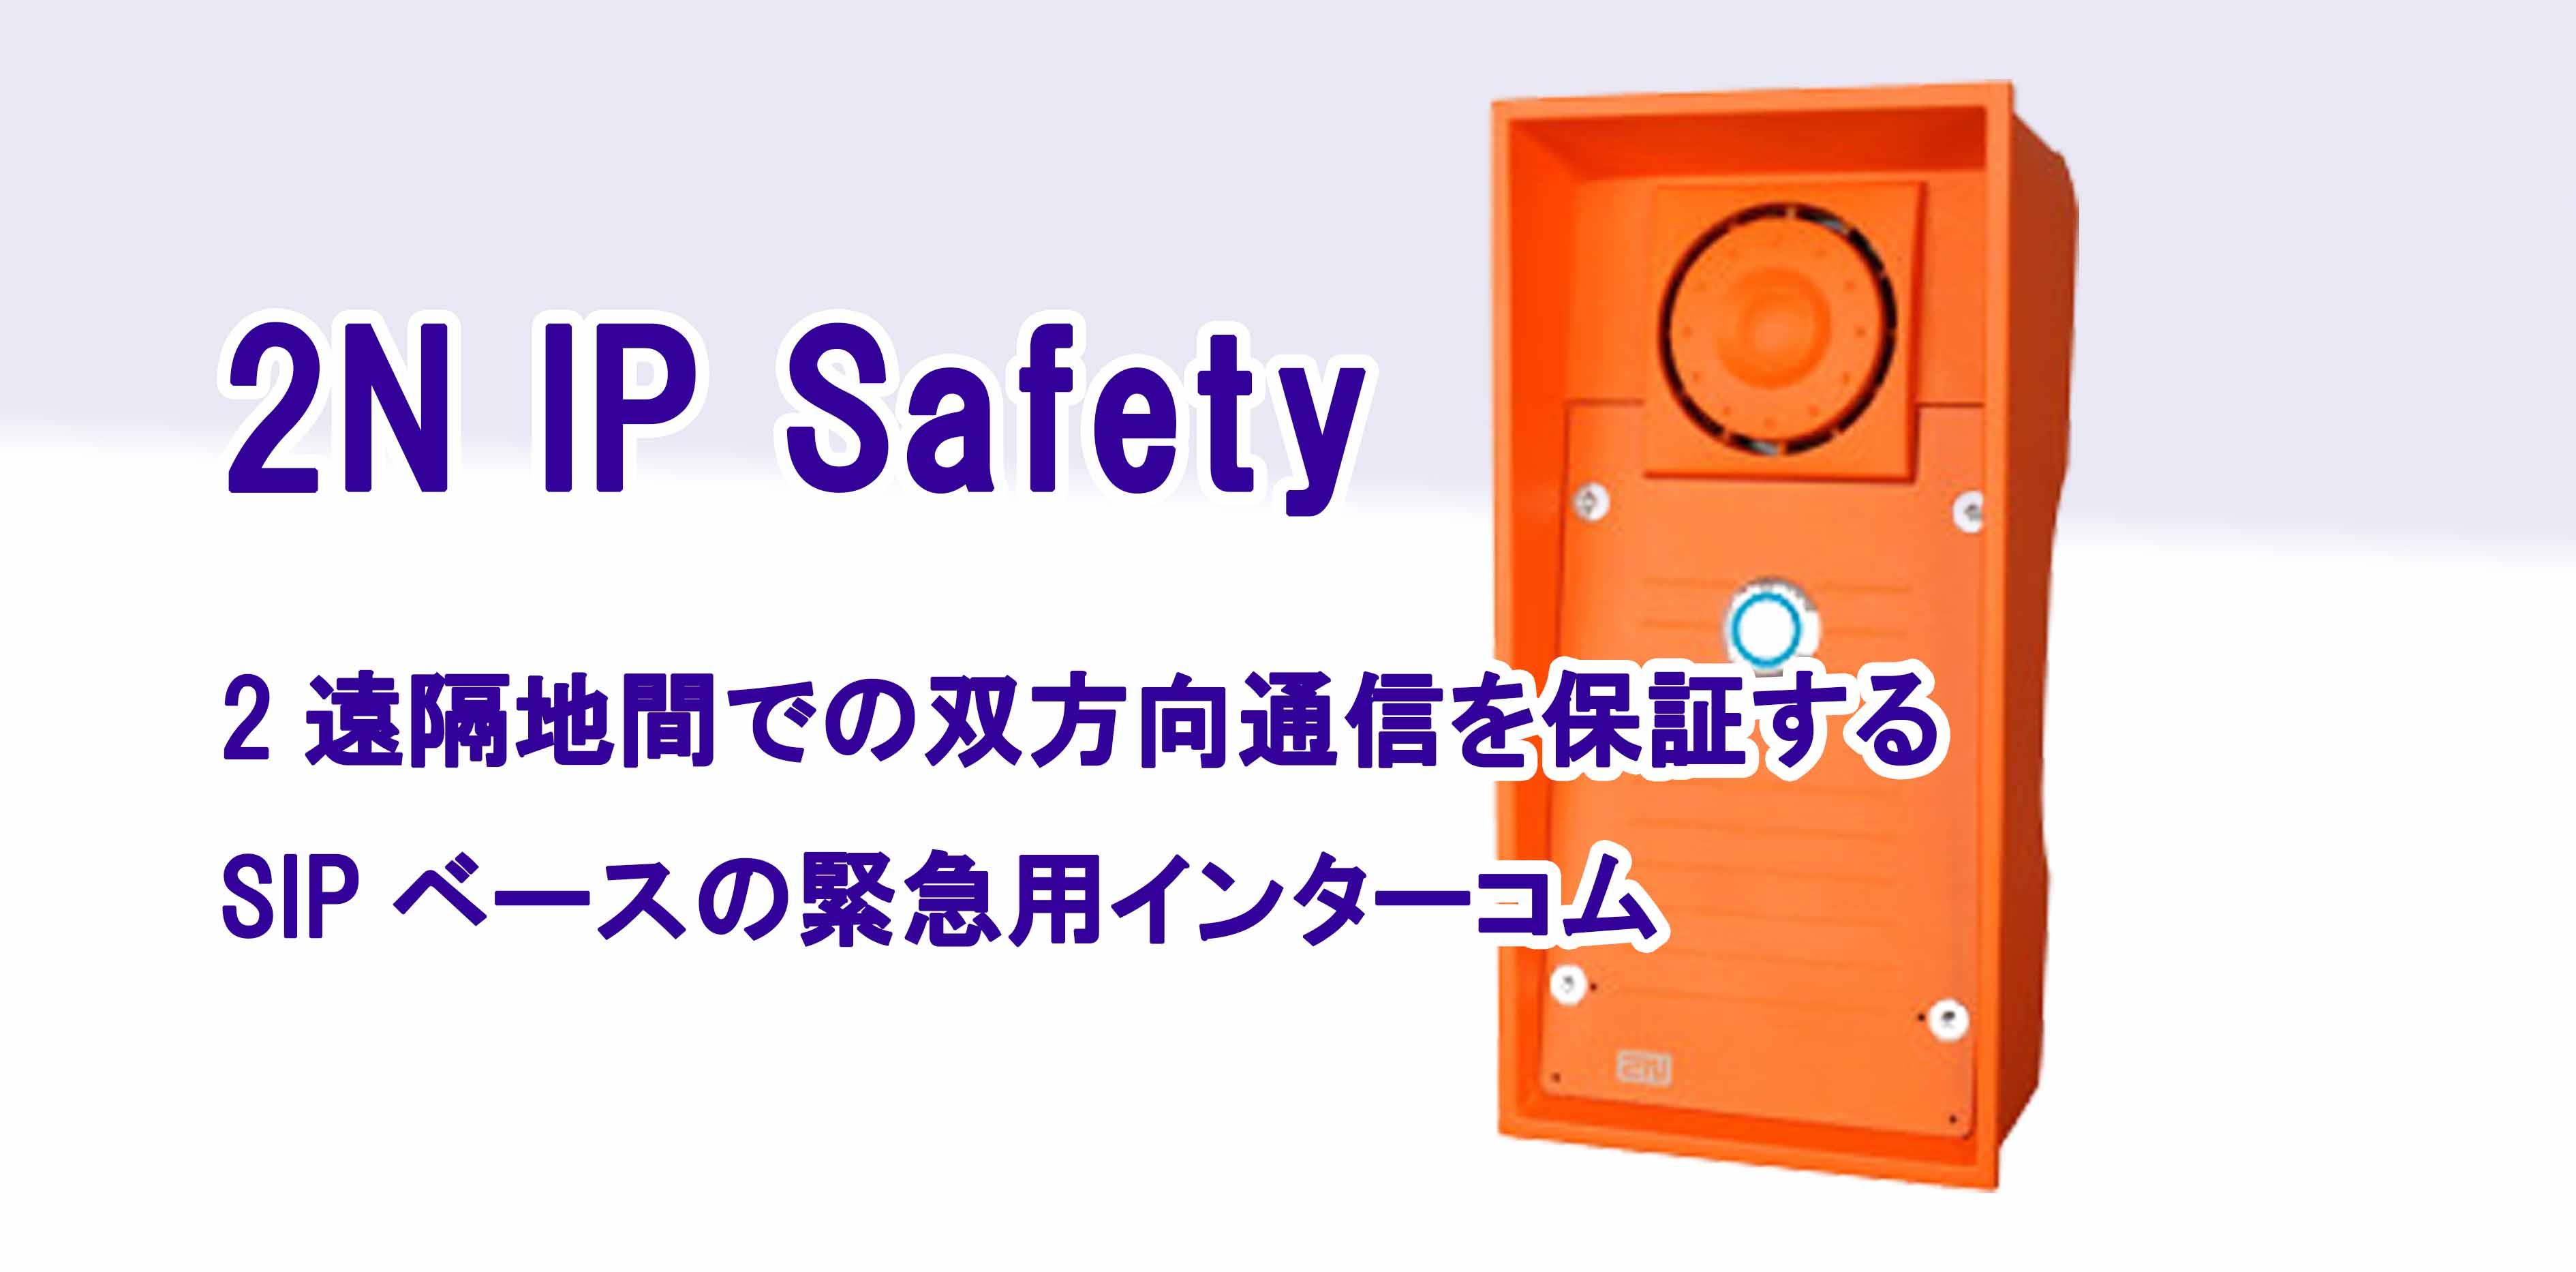 IP Safety